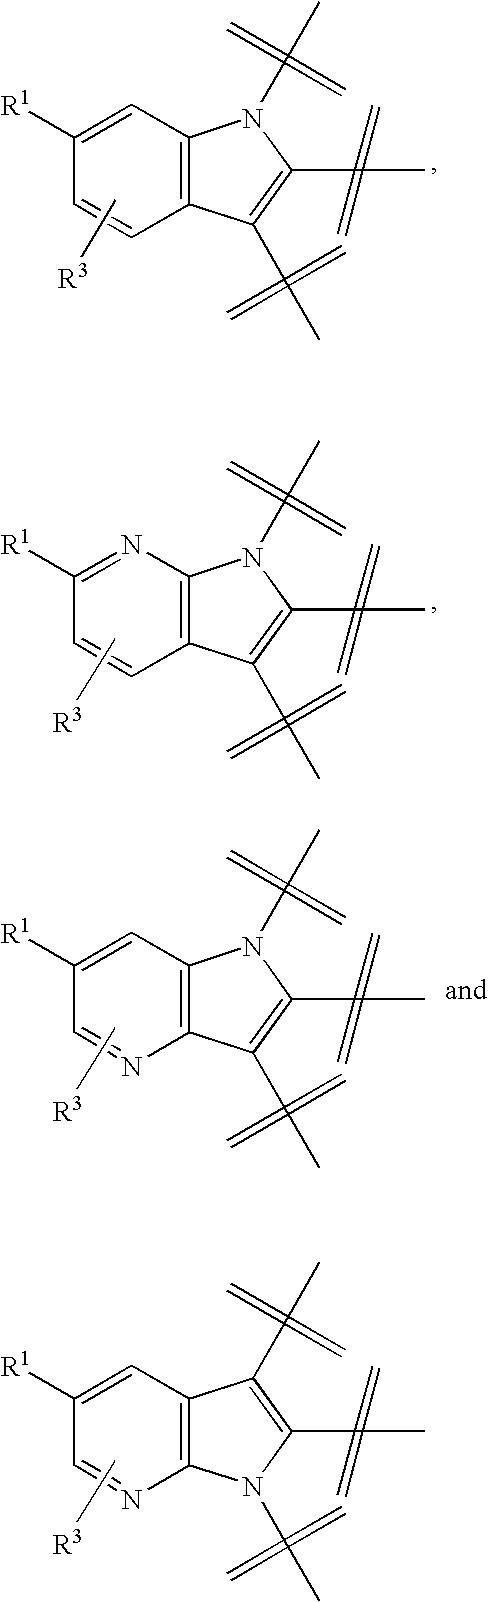 Figure US20070049593A1-20070301-C00067